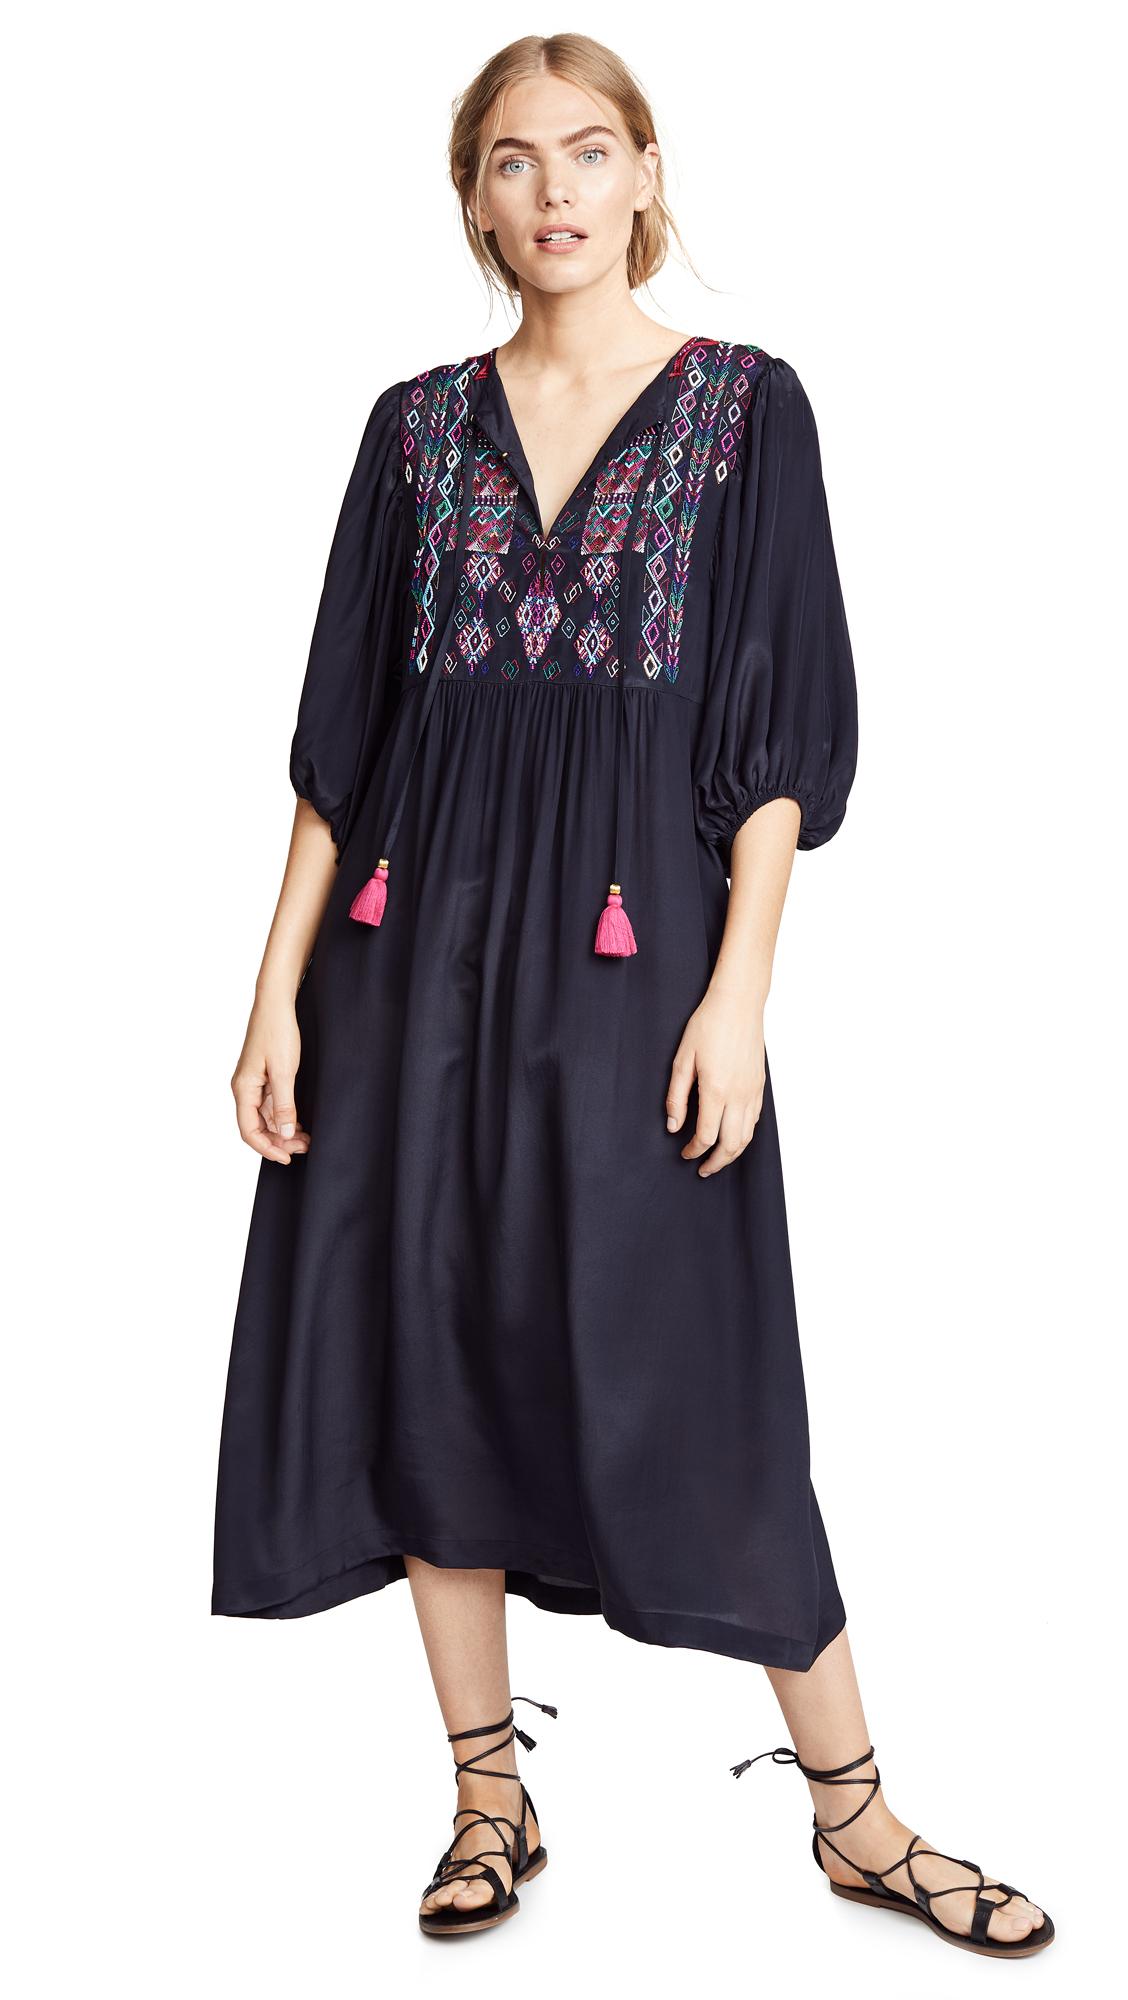 Figue Delfina Dress In Midnight Navy